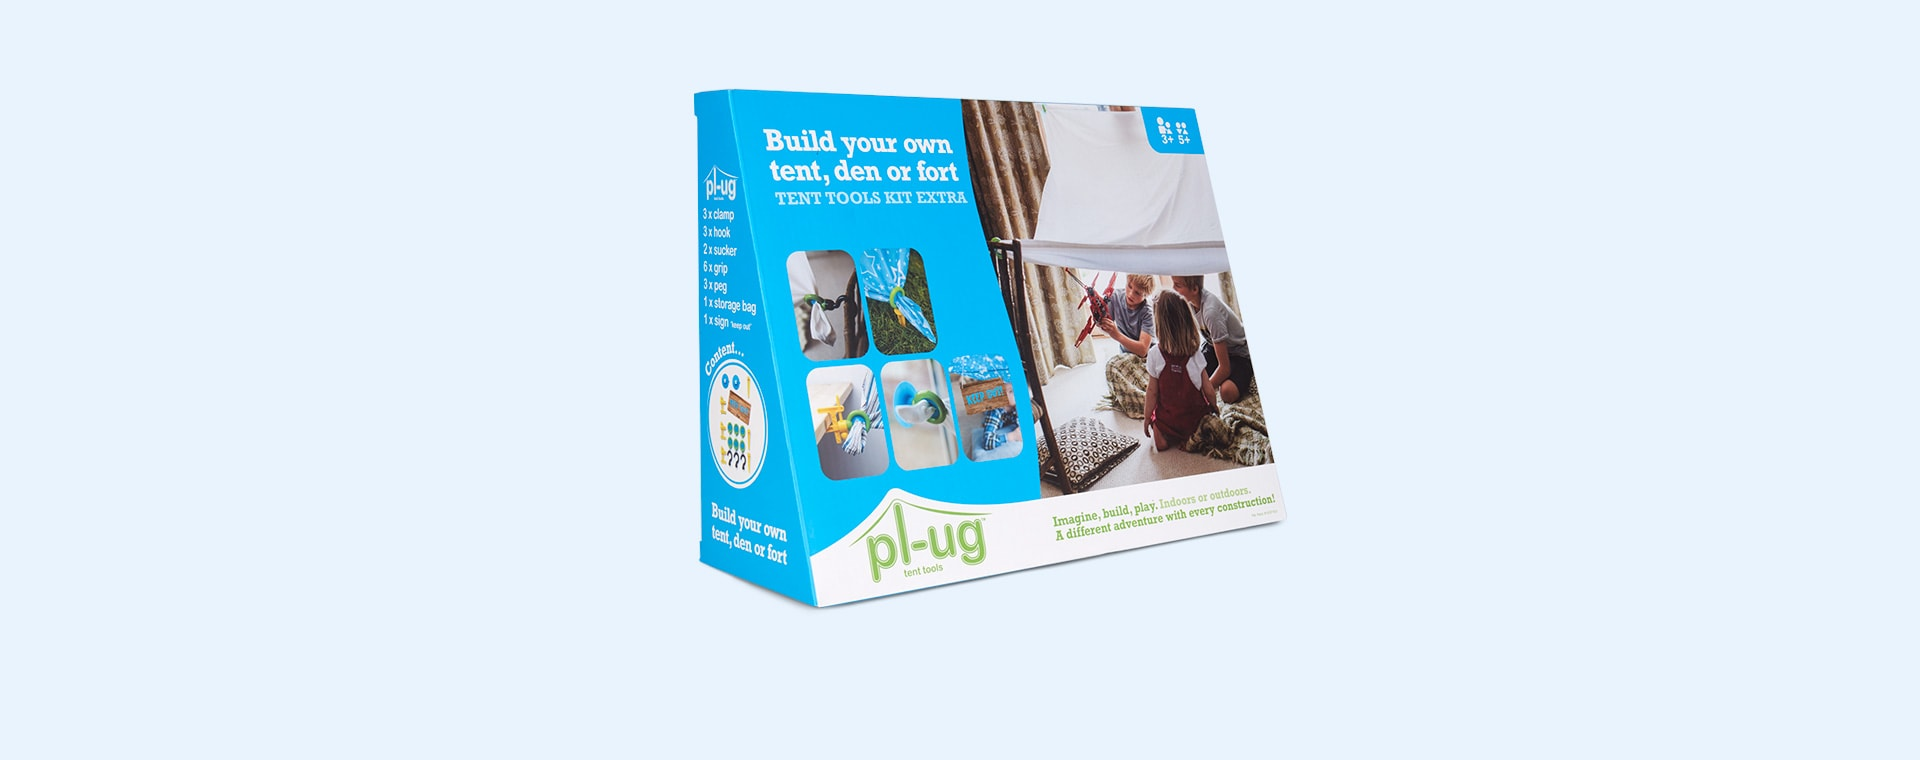 Multi pl-ug Tent Tools Kit Extra